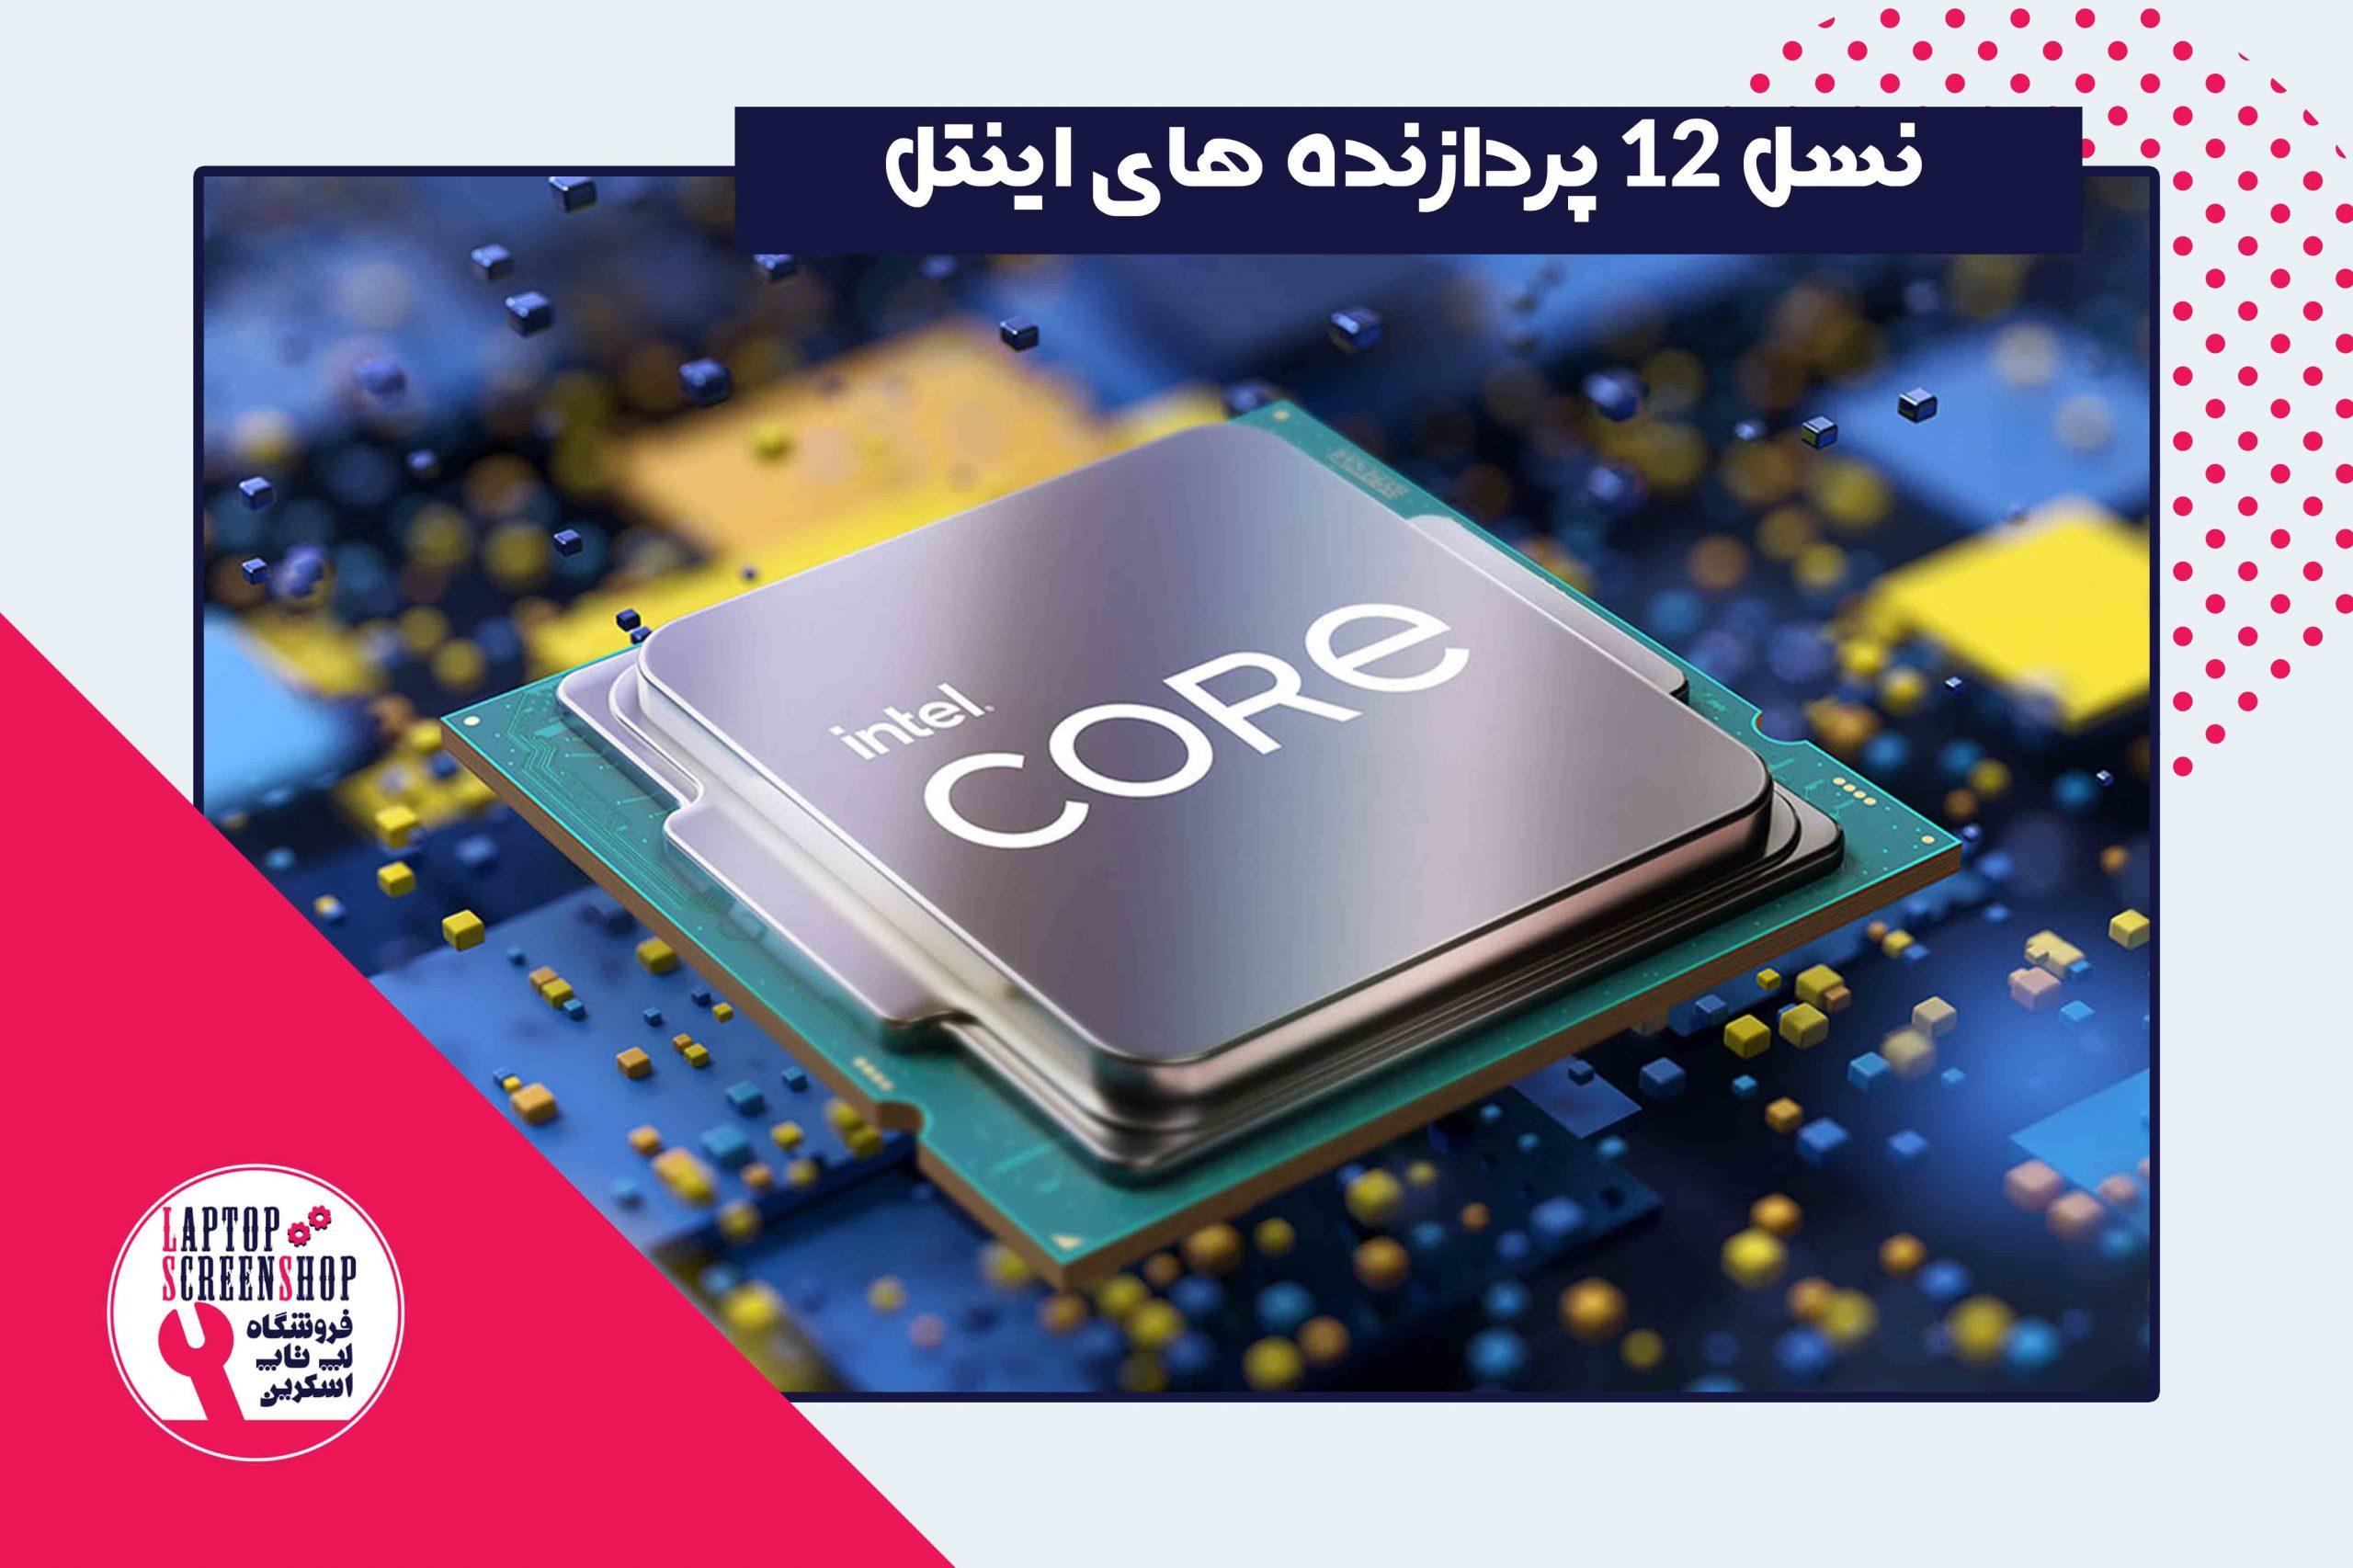 Intel 12th-gen Alder Lake | لپ تاپ اسکرین| ال سی دی| خرید اینترنتی ال سی دی لپ تاپ